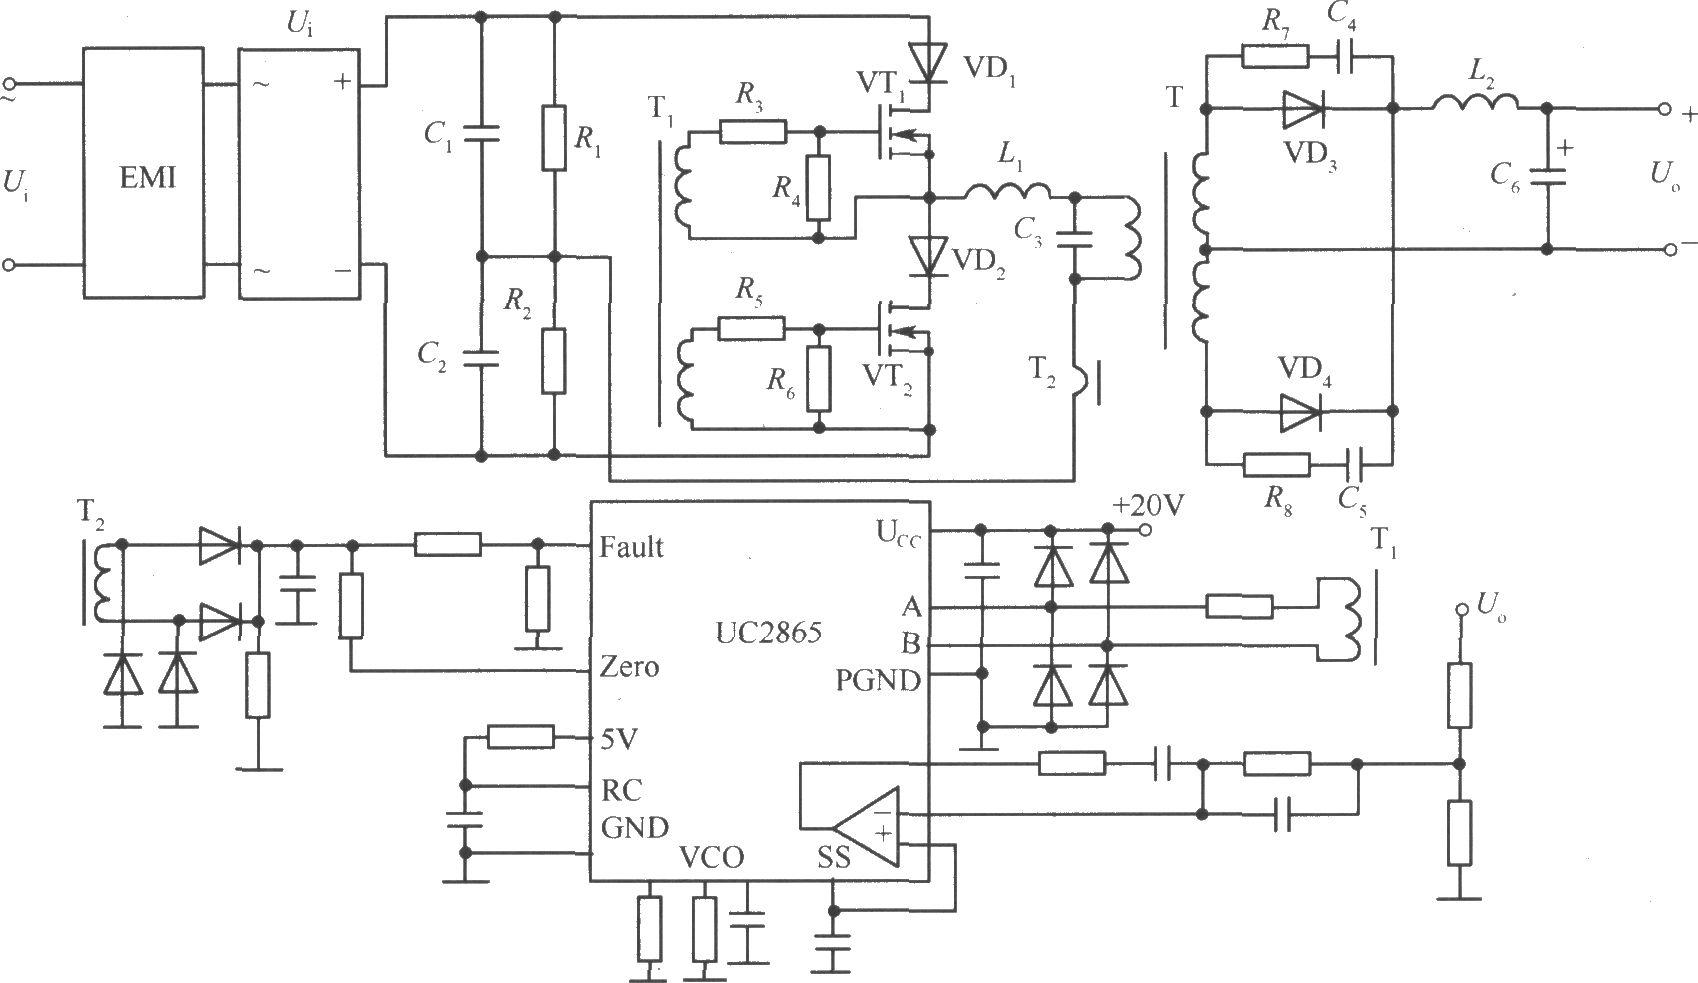 输入单相交流;输出直流;主开关管采用mosfet;功率变换电路采用半桥